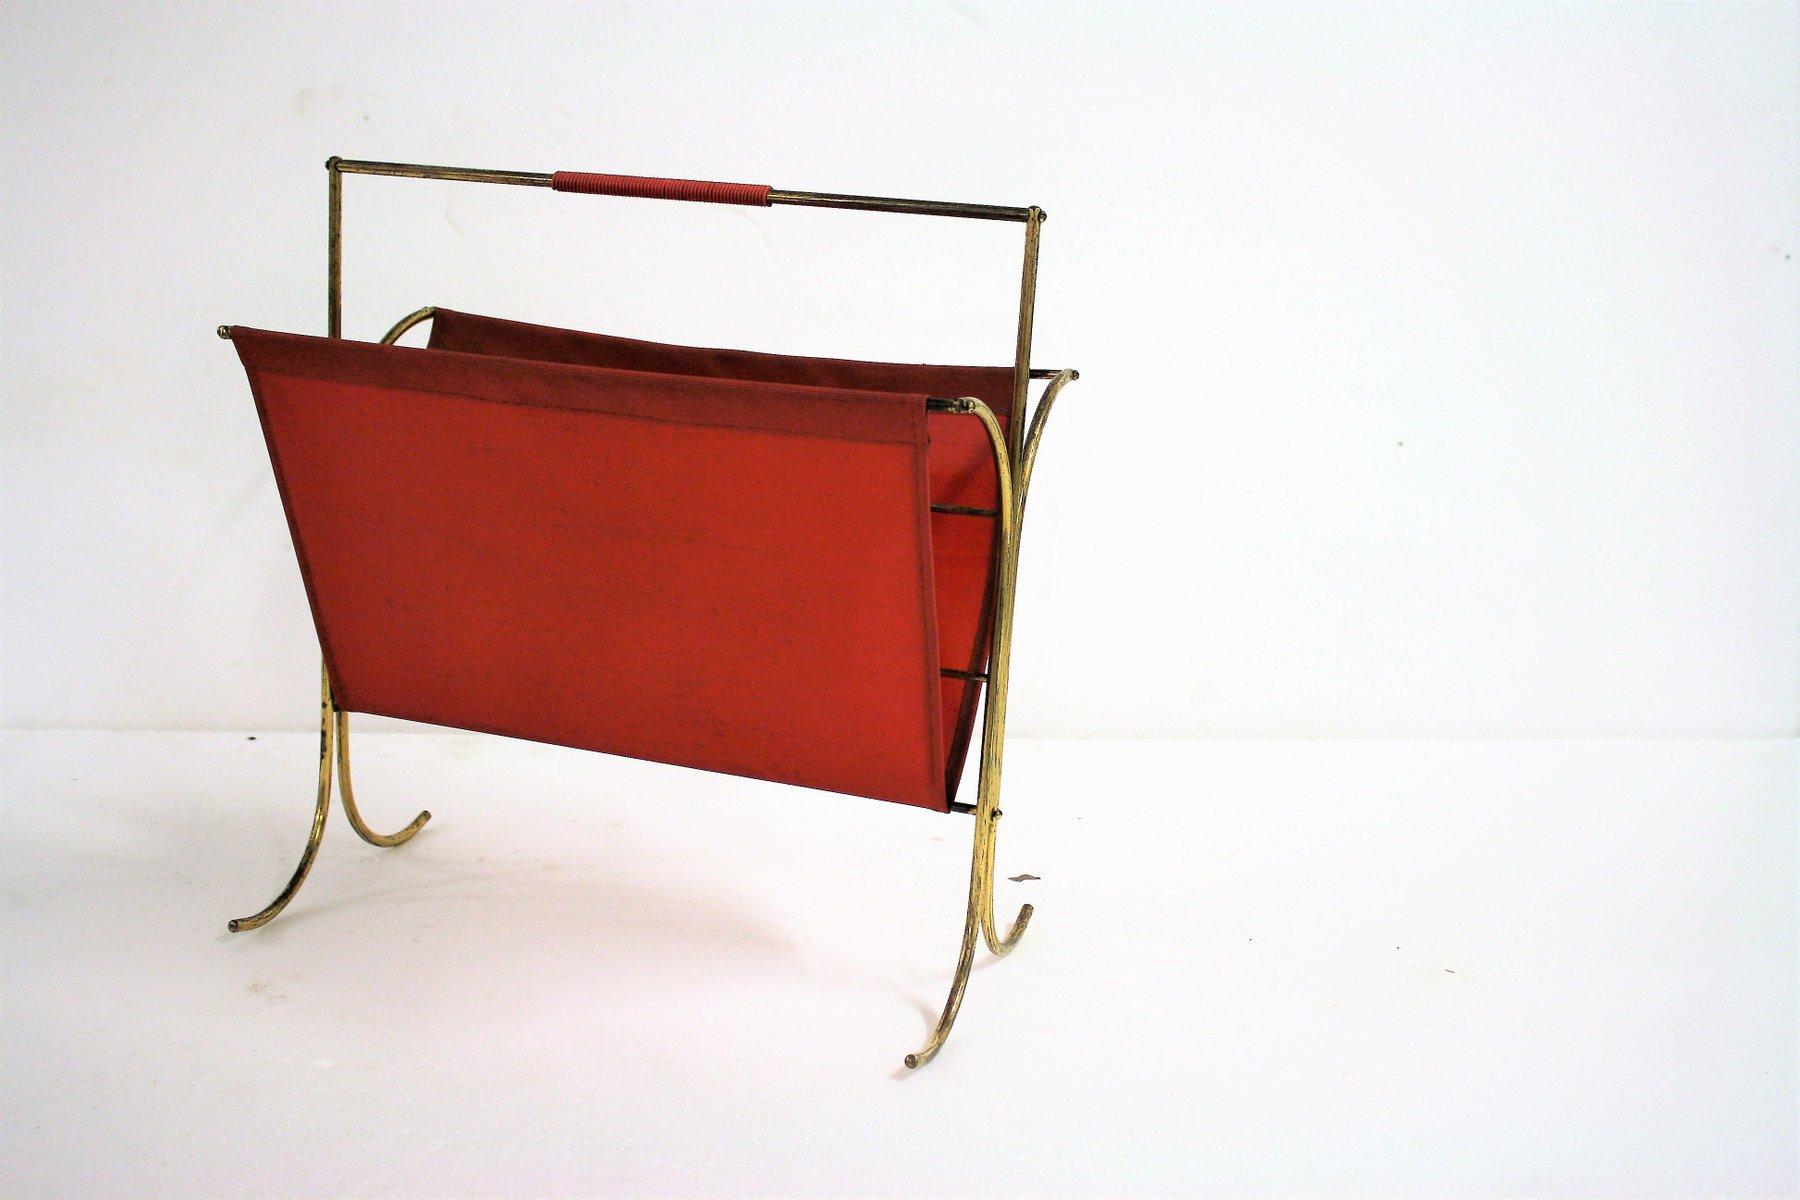 porte magazine vintage en laiton et vinyle rouge 1960s en vente sur pamono. Black Bedroom Furniture Sets. Home Design Ideas